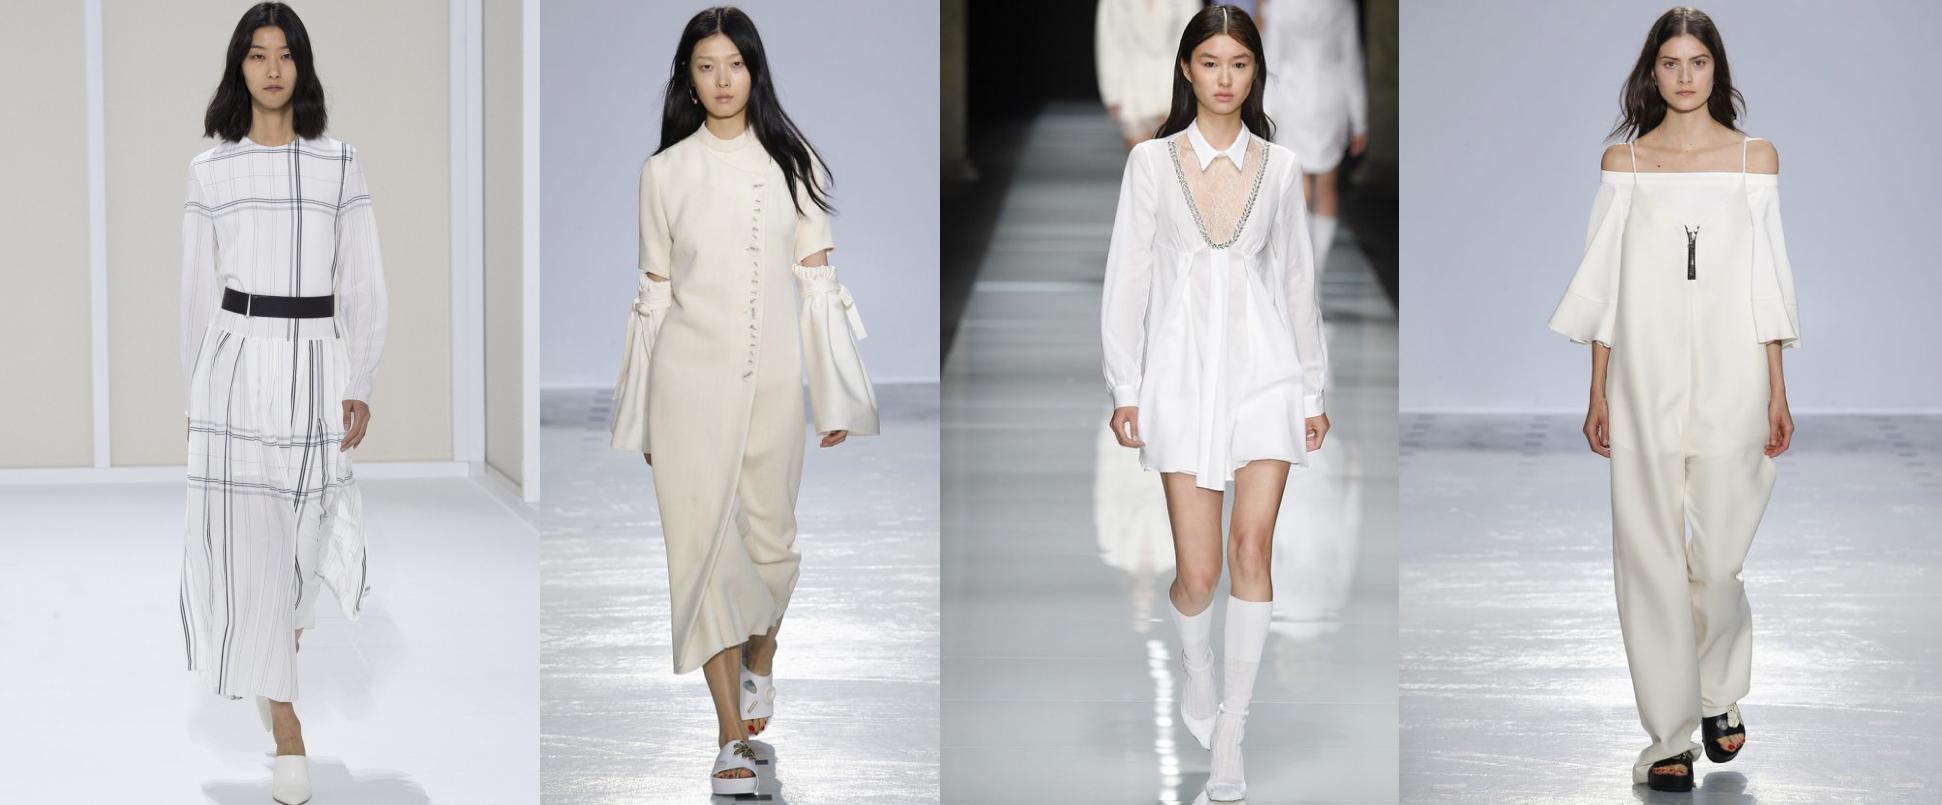 Xu hướng thời trang cuối năm 2018